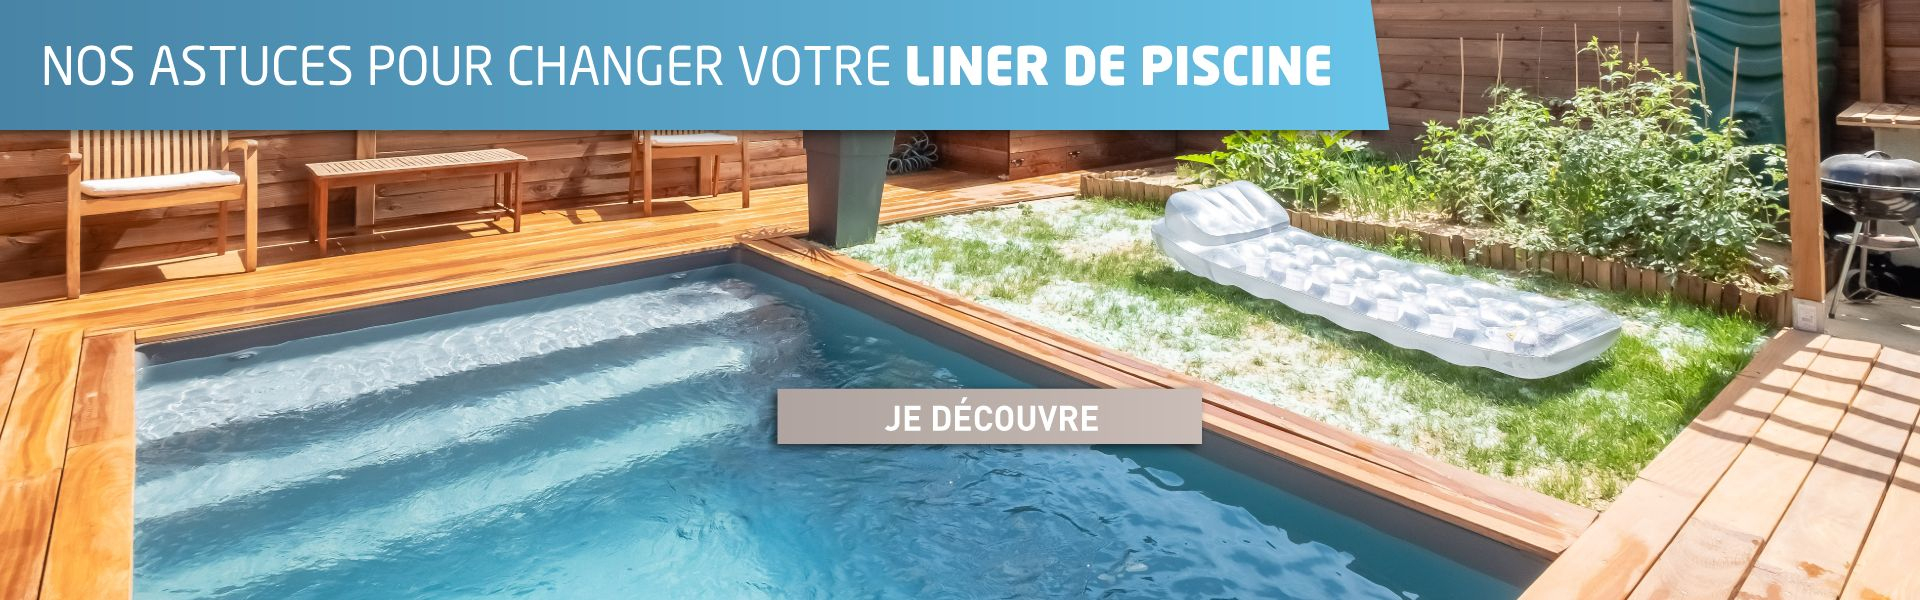 Cash Piscines - Tout Pour La Piscine & Spas Gonflables ... intérieur Cash Piscine Blois